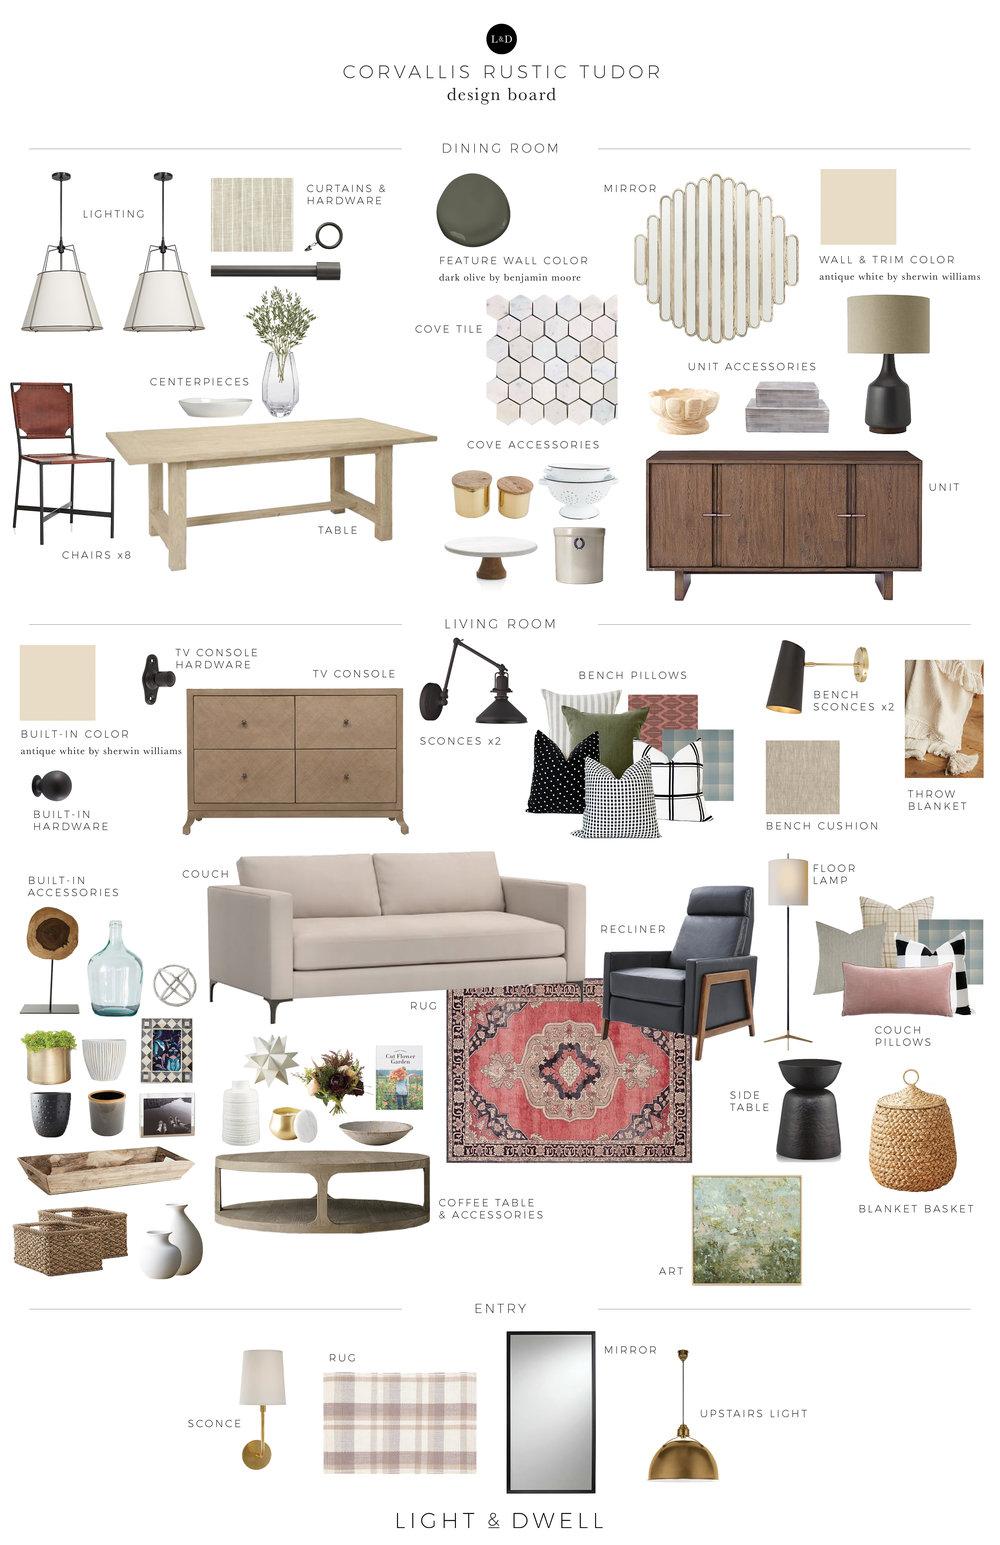 L+D_DesignBoard_CorvallisRusticTudor.jpg